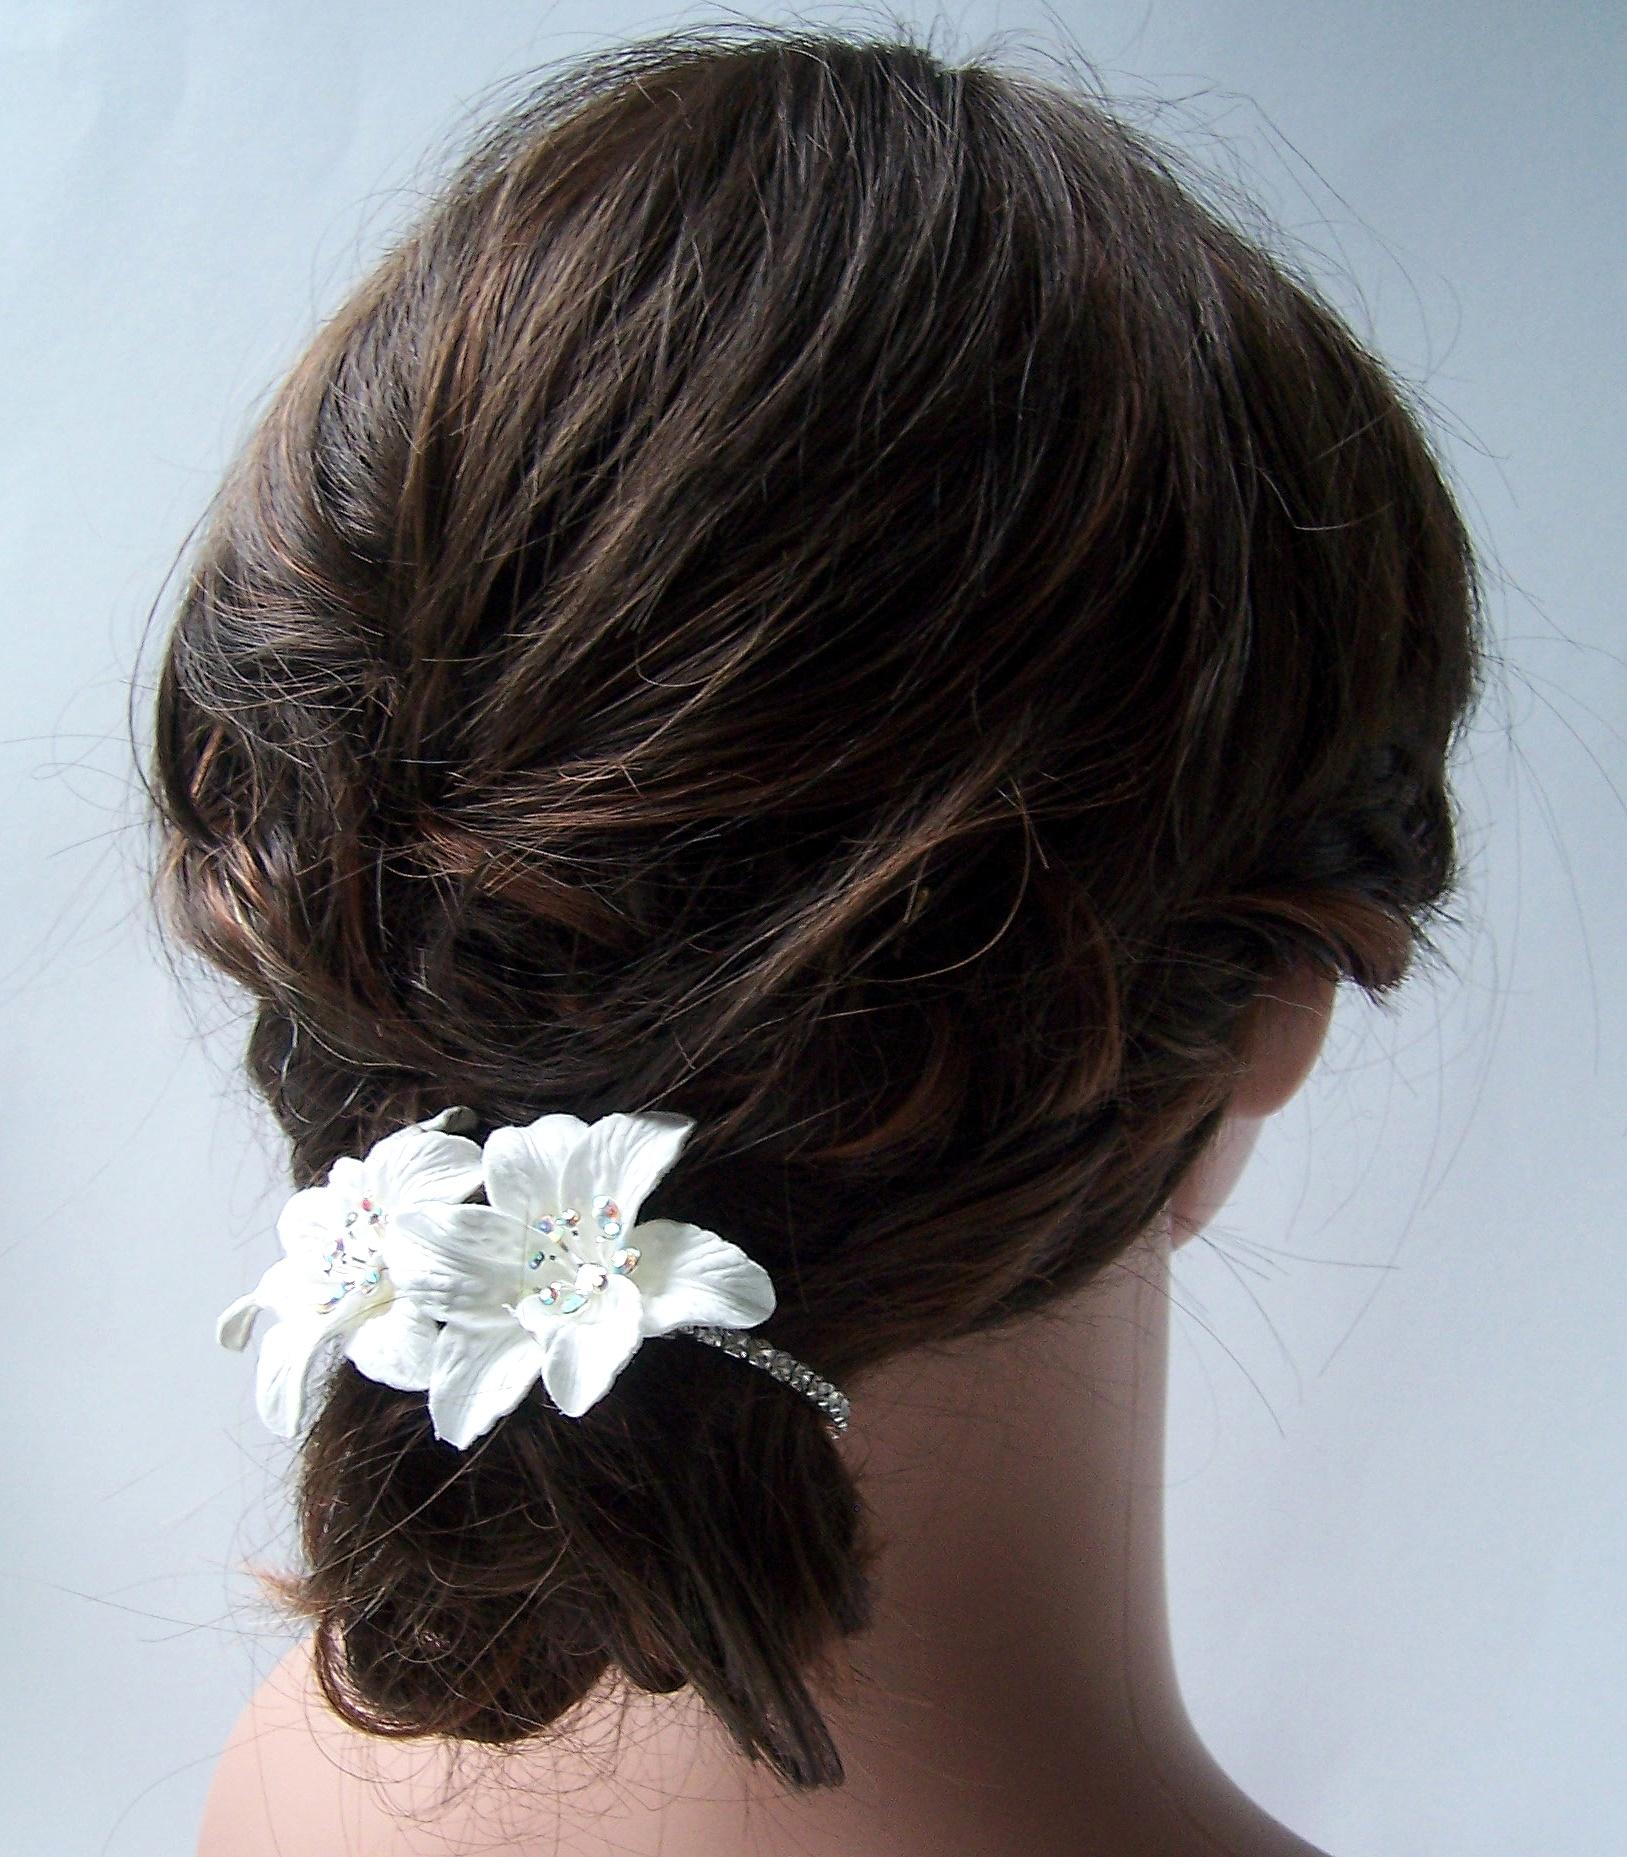 Schmuck Armreif Haarschmuck weiß Blumen Mädchen Braut Kommunion Hochzeit A5050B*